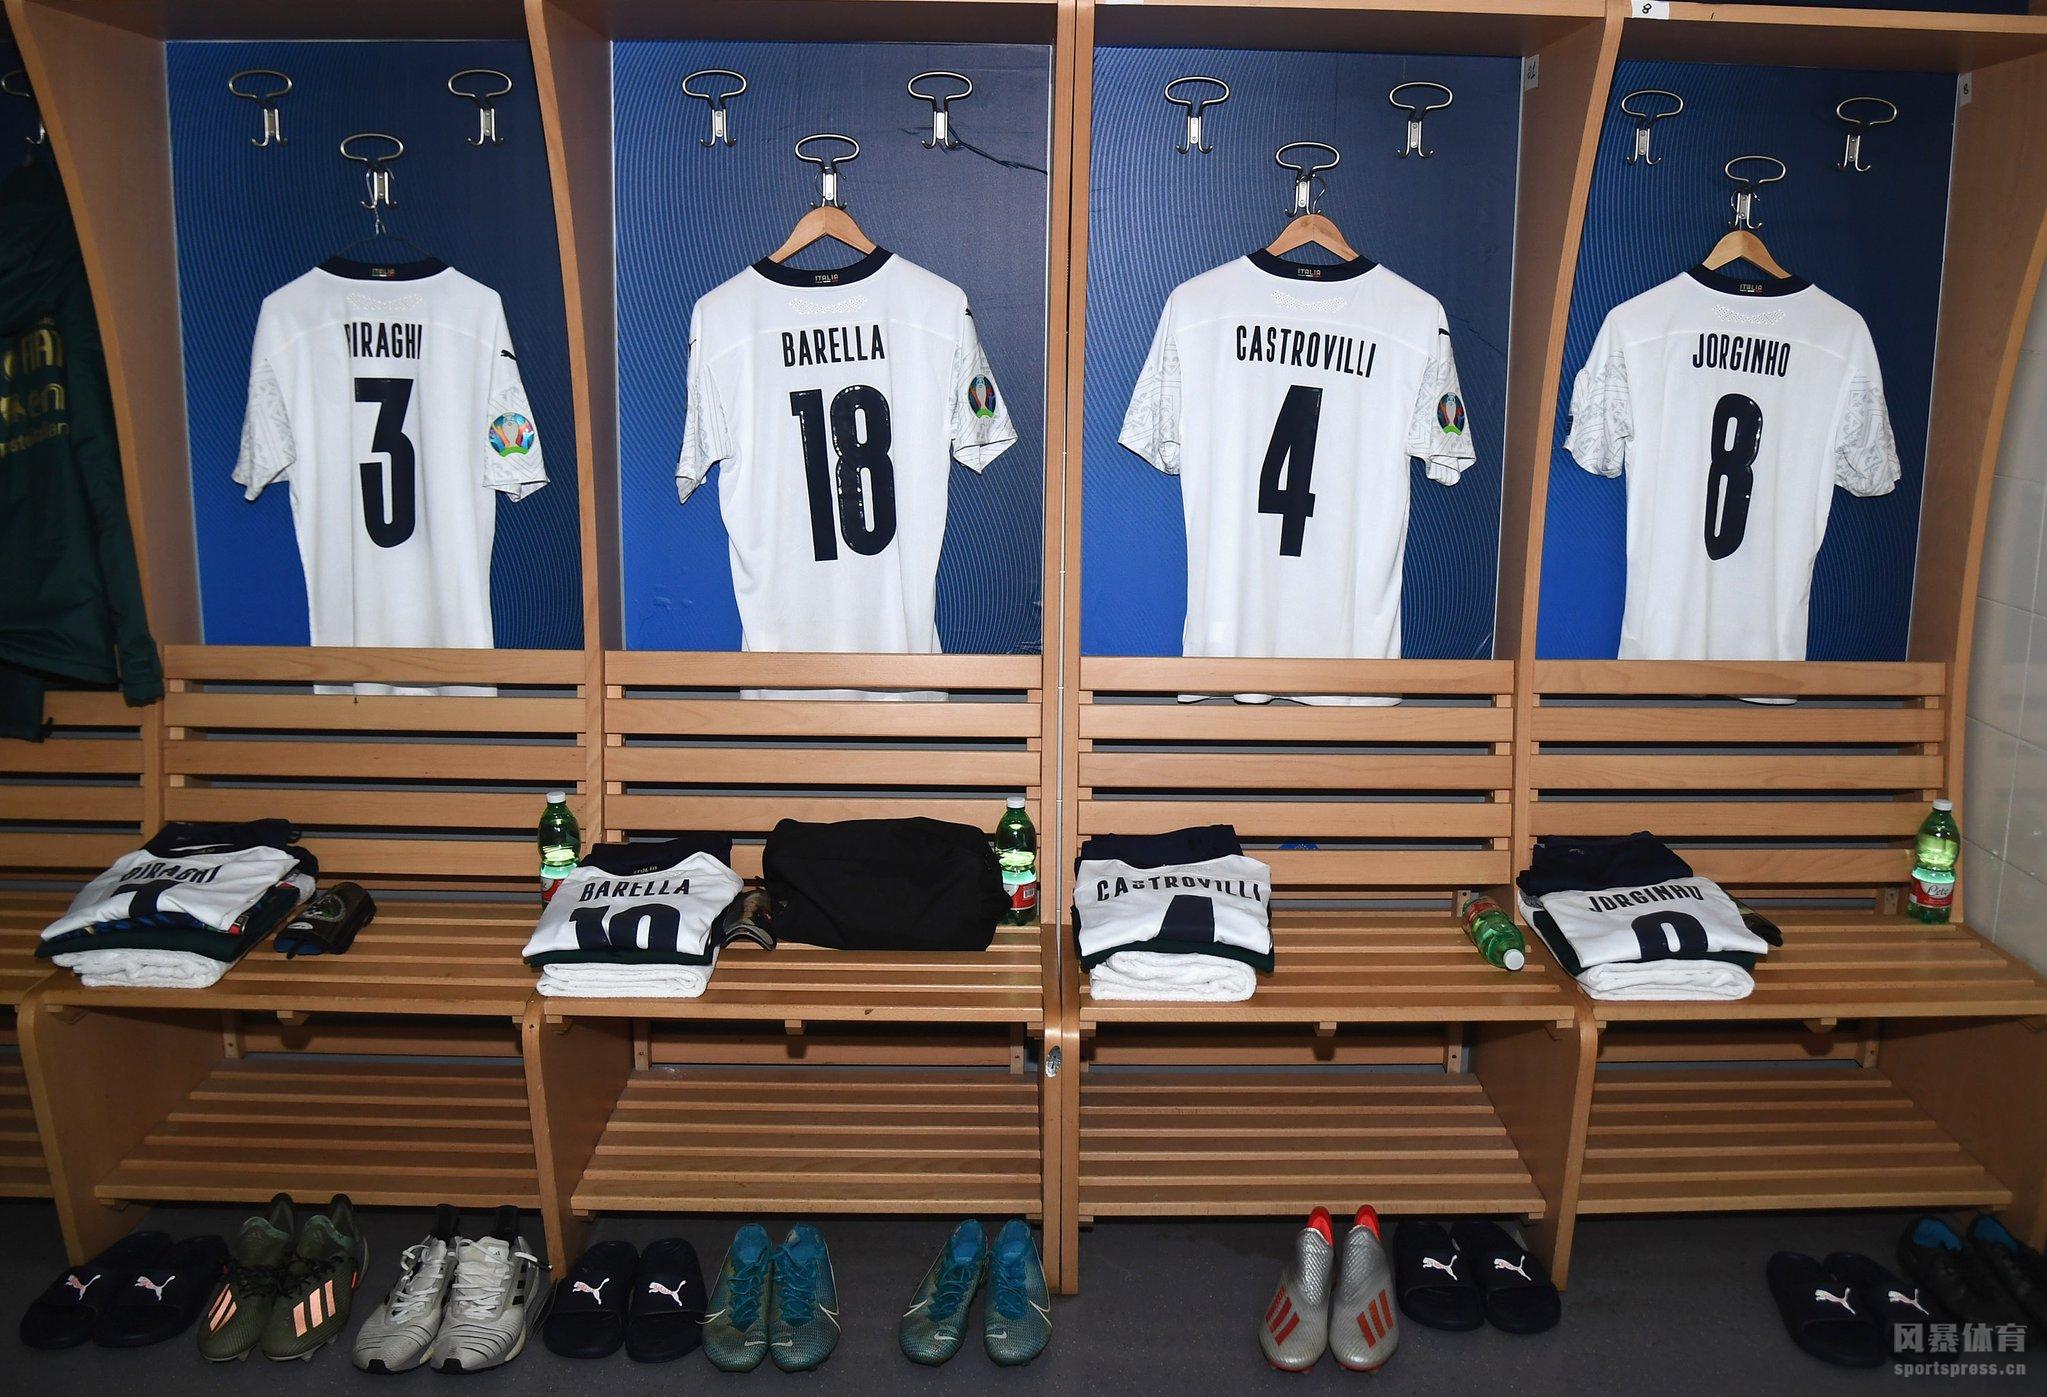 北京时间11月19日凌晨3:45,2020年欧洲杯预选赛继续进行,意大利主场迎战亚美尼亚。上半时比赛因莫比莱两射一传,扎尼奥洛打进国家队首球,巴雷拉破门。下半时比赛扎尼奥洛远射再下一城,罗马尼奥利、若日尼奥与奥索里尼分别进球,巴班扬打进世界波为客队追回一球,随后小基耶萨破门锦上添花。最终,意大利9-1狂胜亚美尼亚收获预选赛全胜